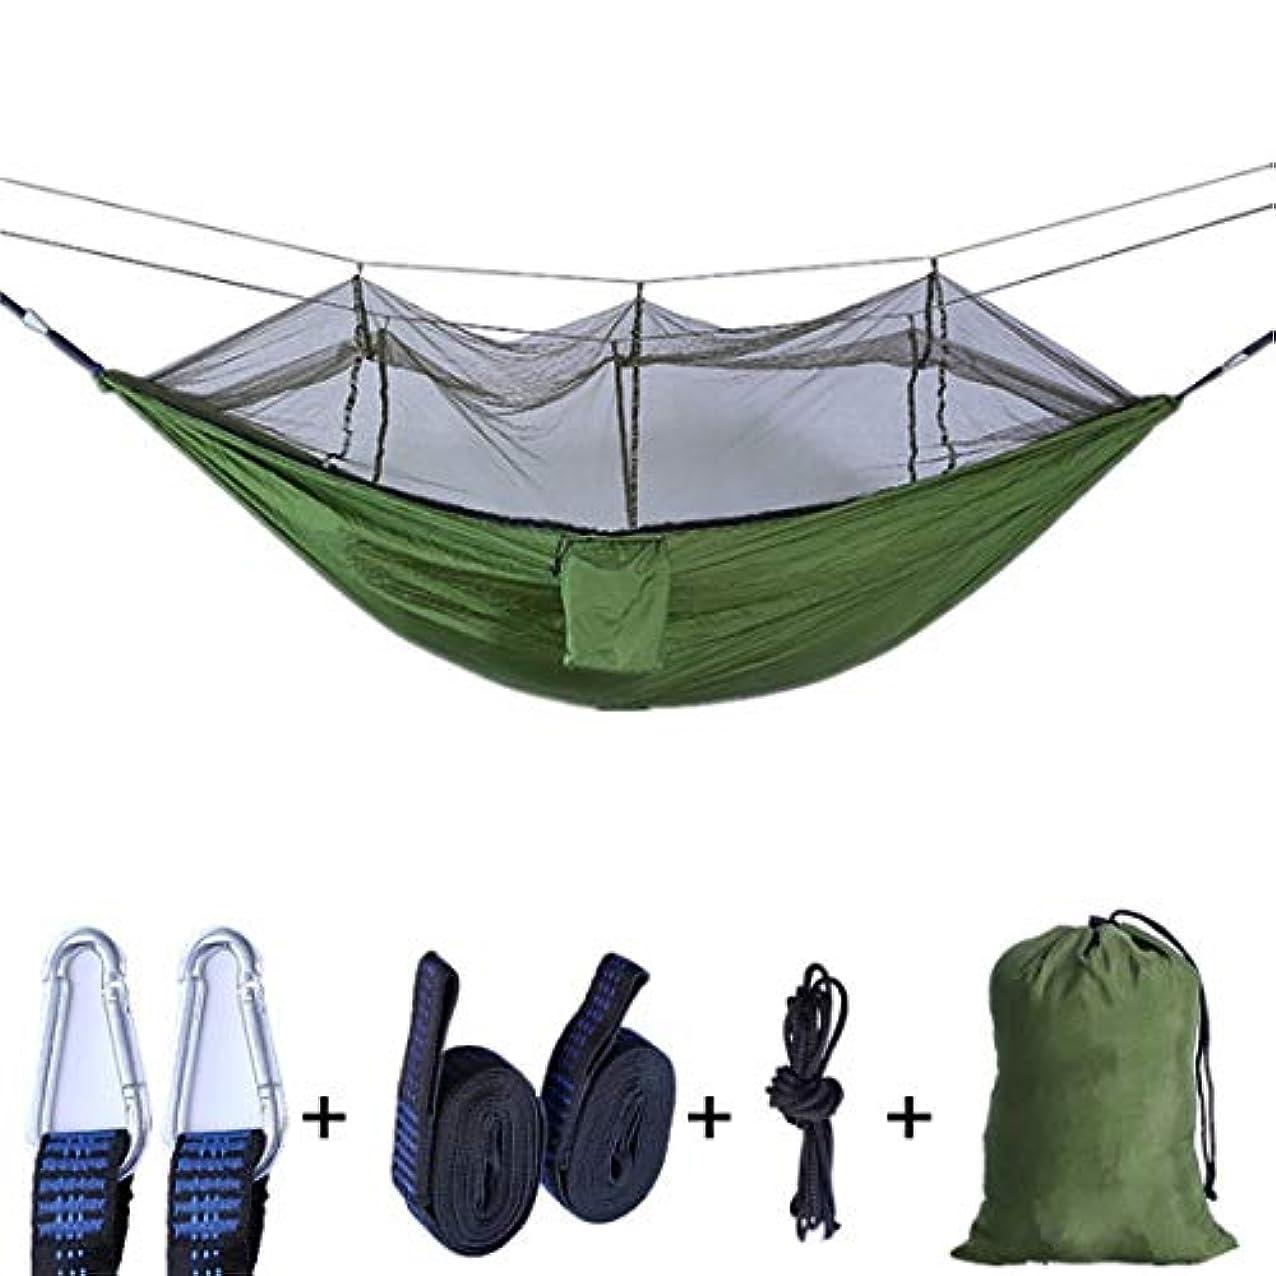 指定統合精通したKainuoo 蚊帳超軽量ナイロンダブルキャンプ空中テントと屋外パラシュート布ハンモック